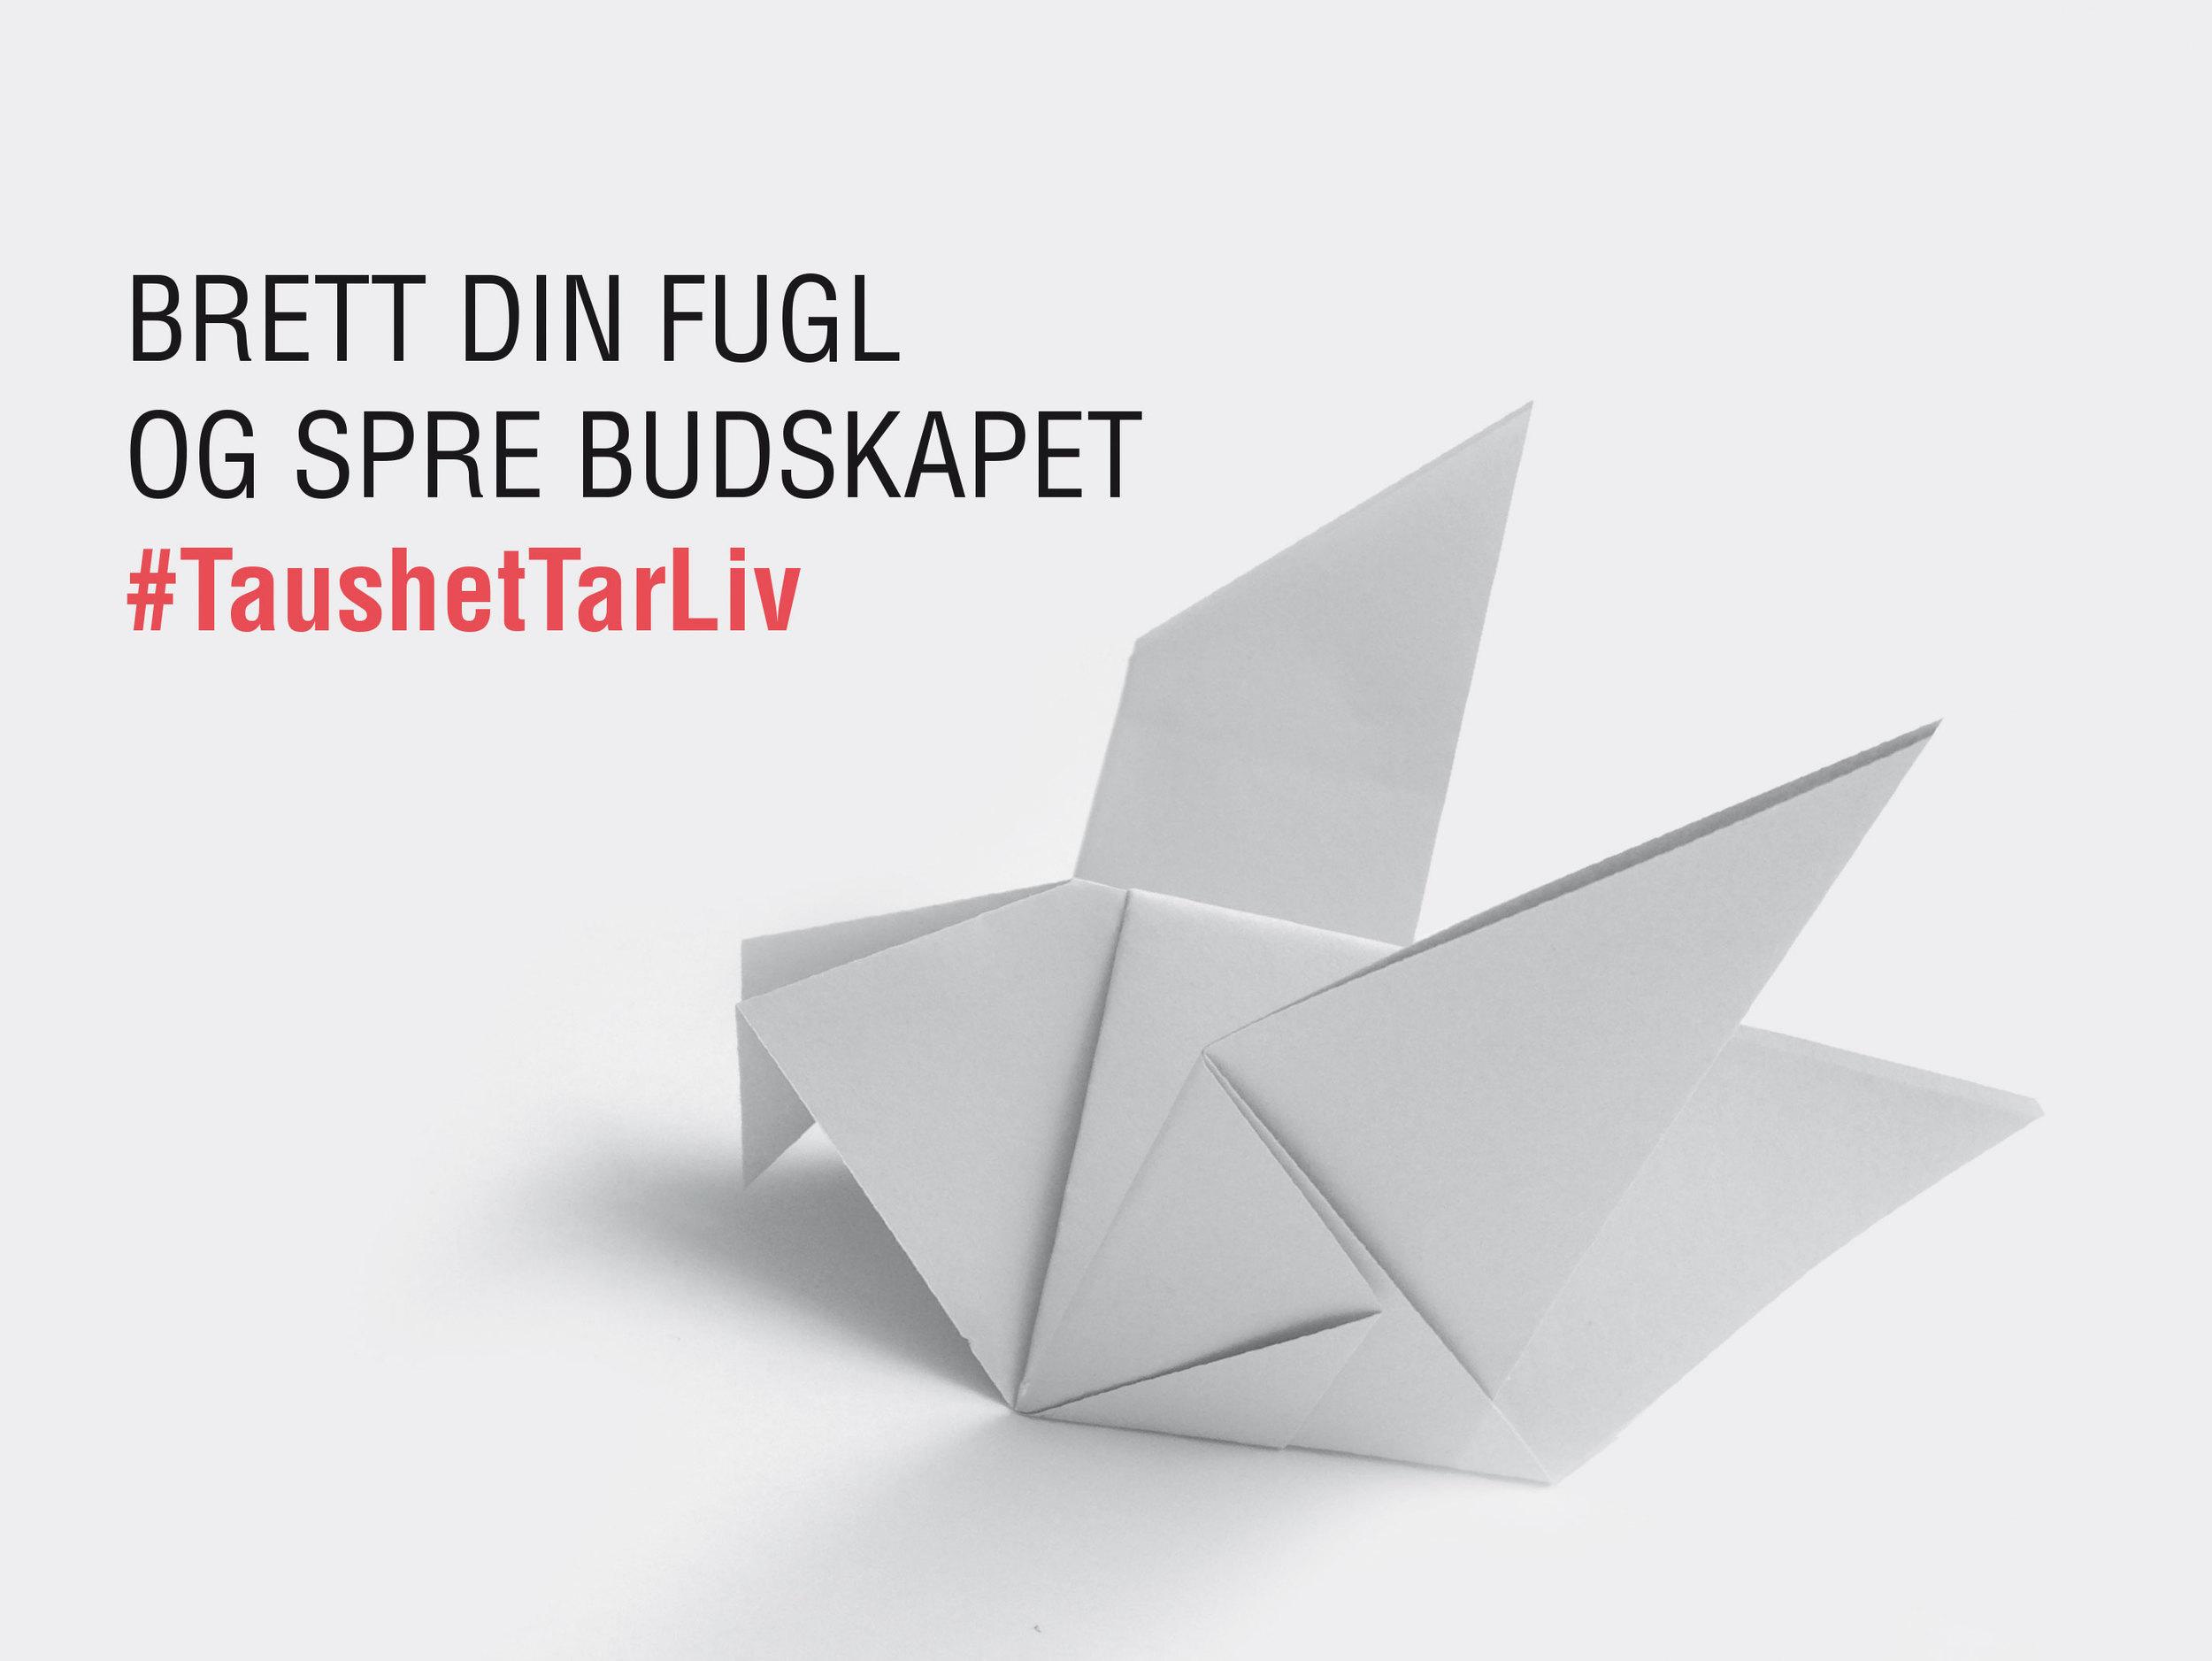 Taushet_3.jpg